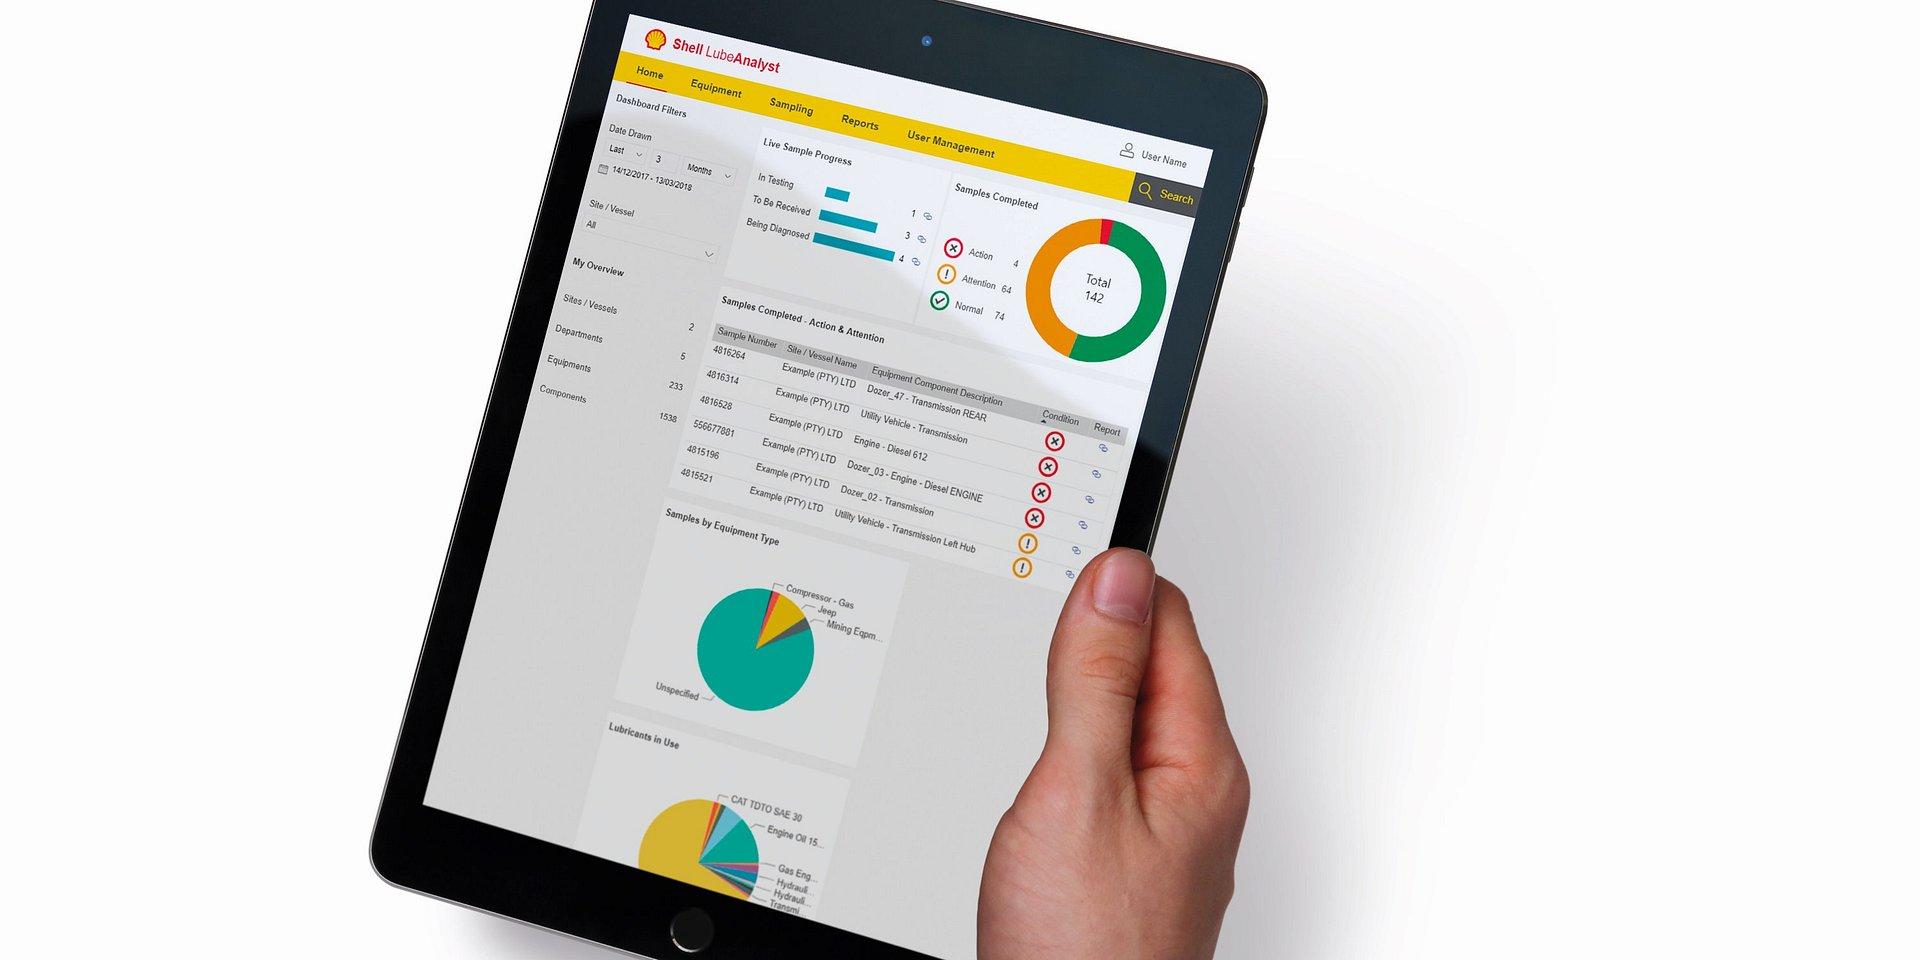 Nowa wersja platformy Shell LubeAnalyst już dostępna